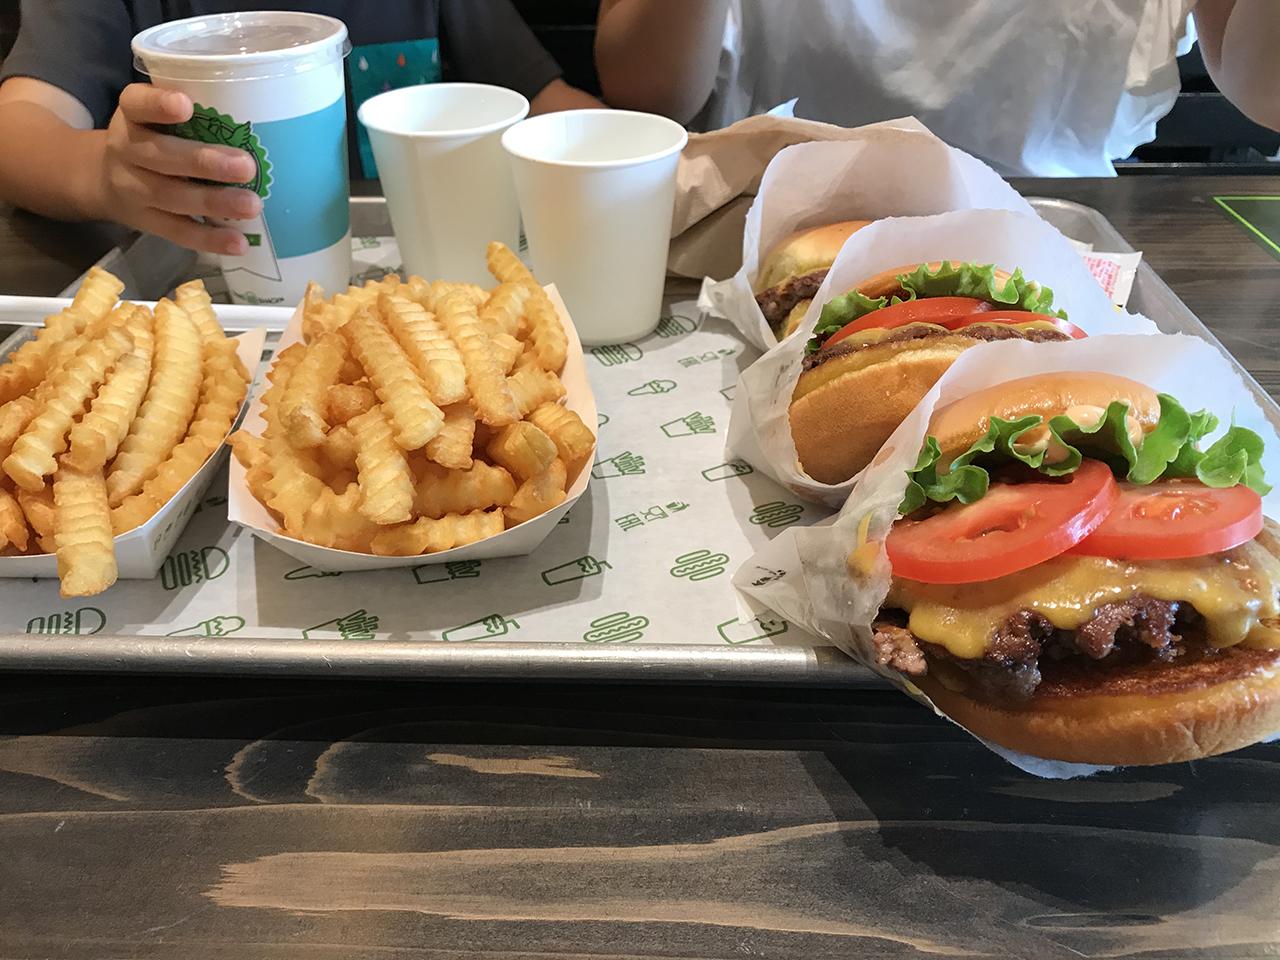 注文したチーズバーガーとポテトの写真